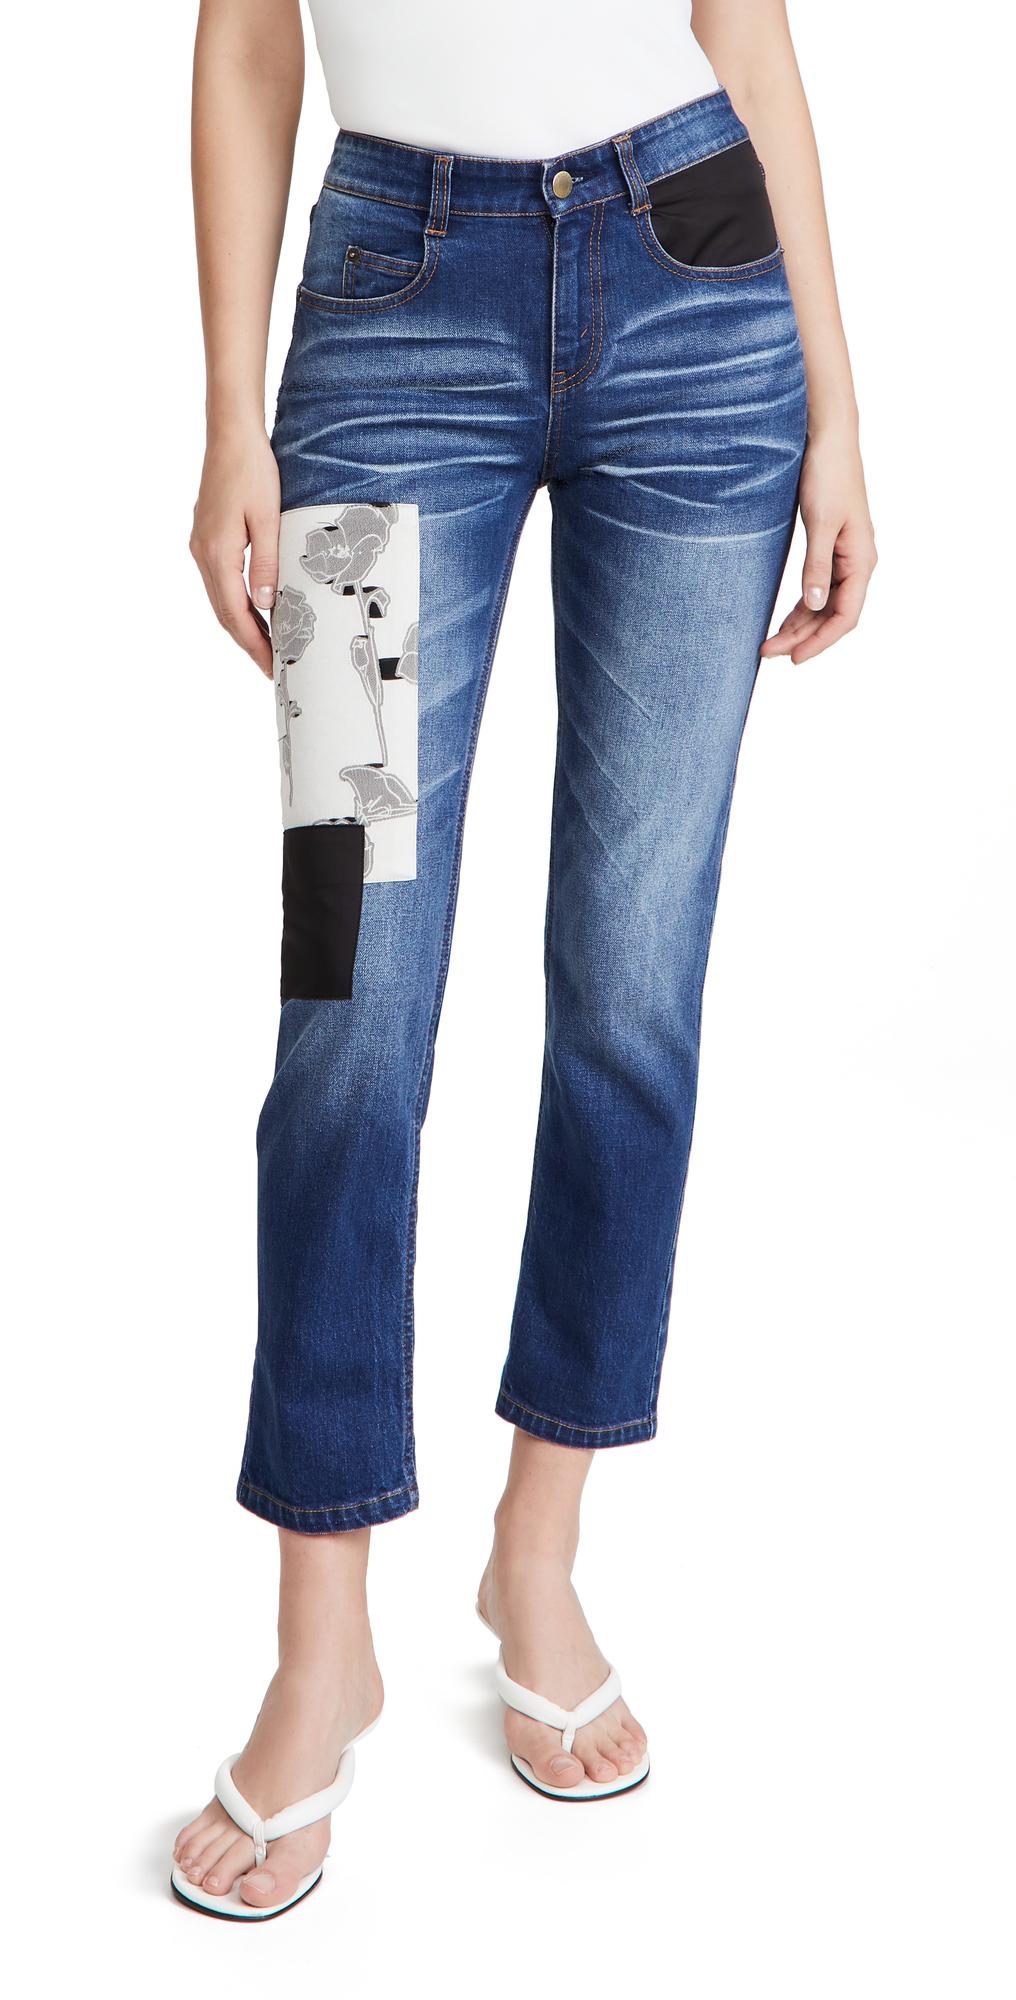 Montgomery Jeans